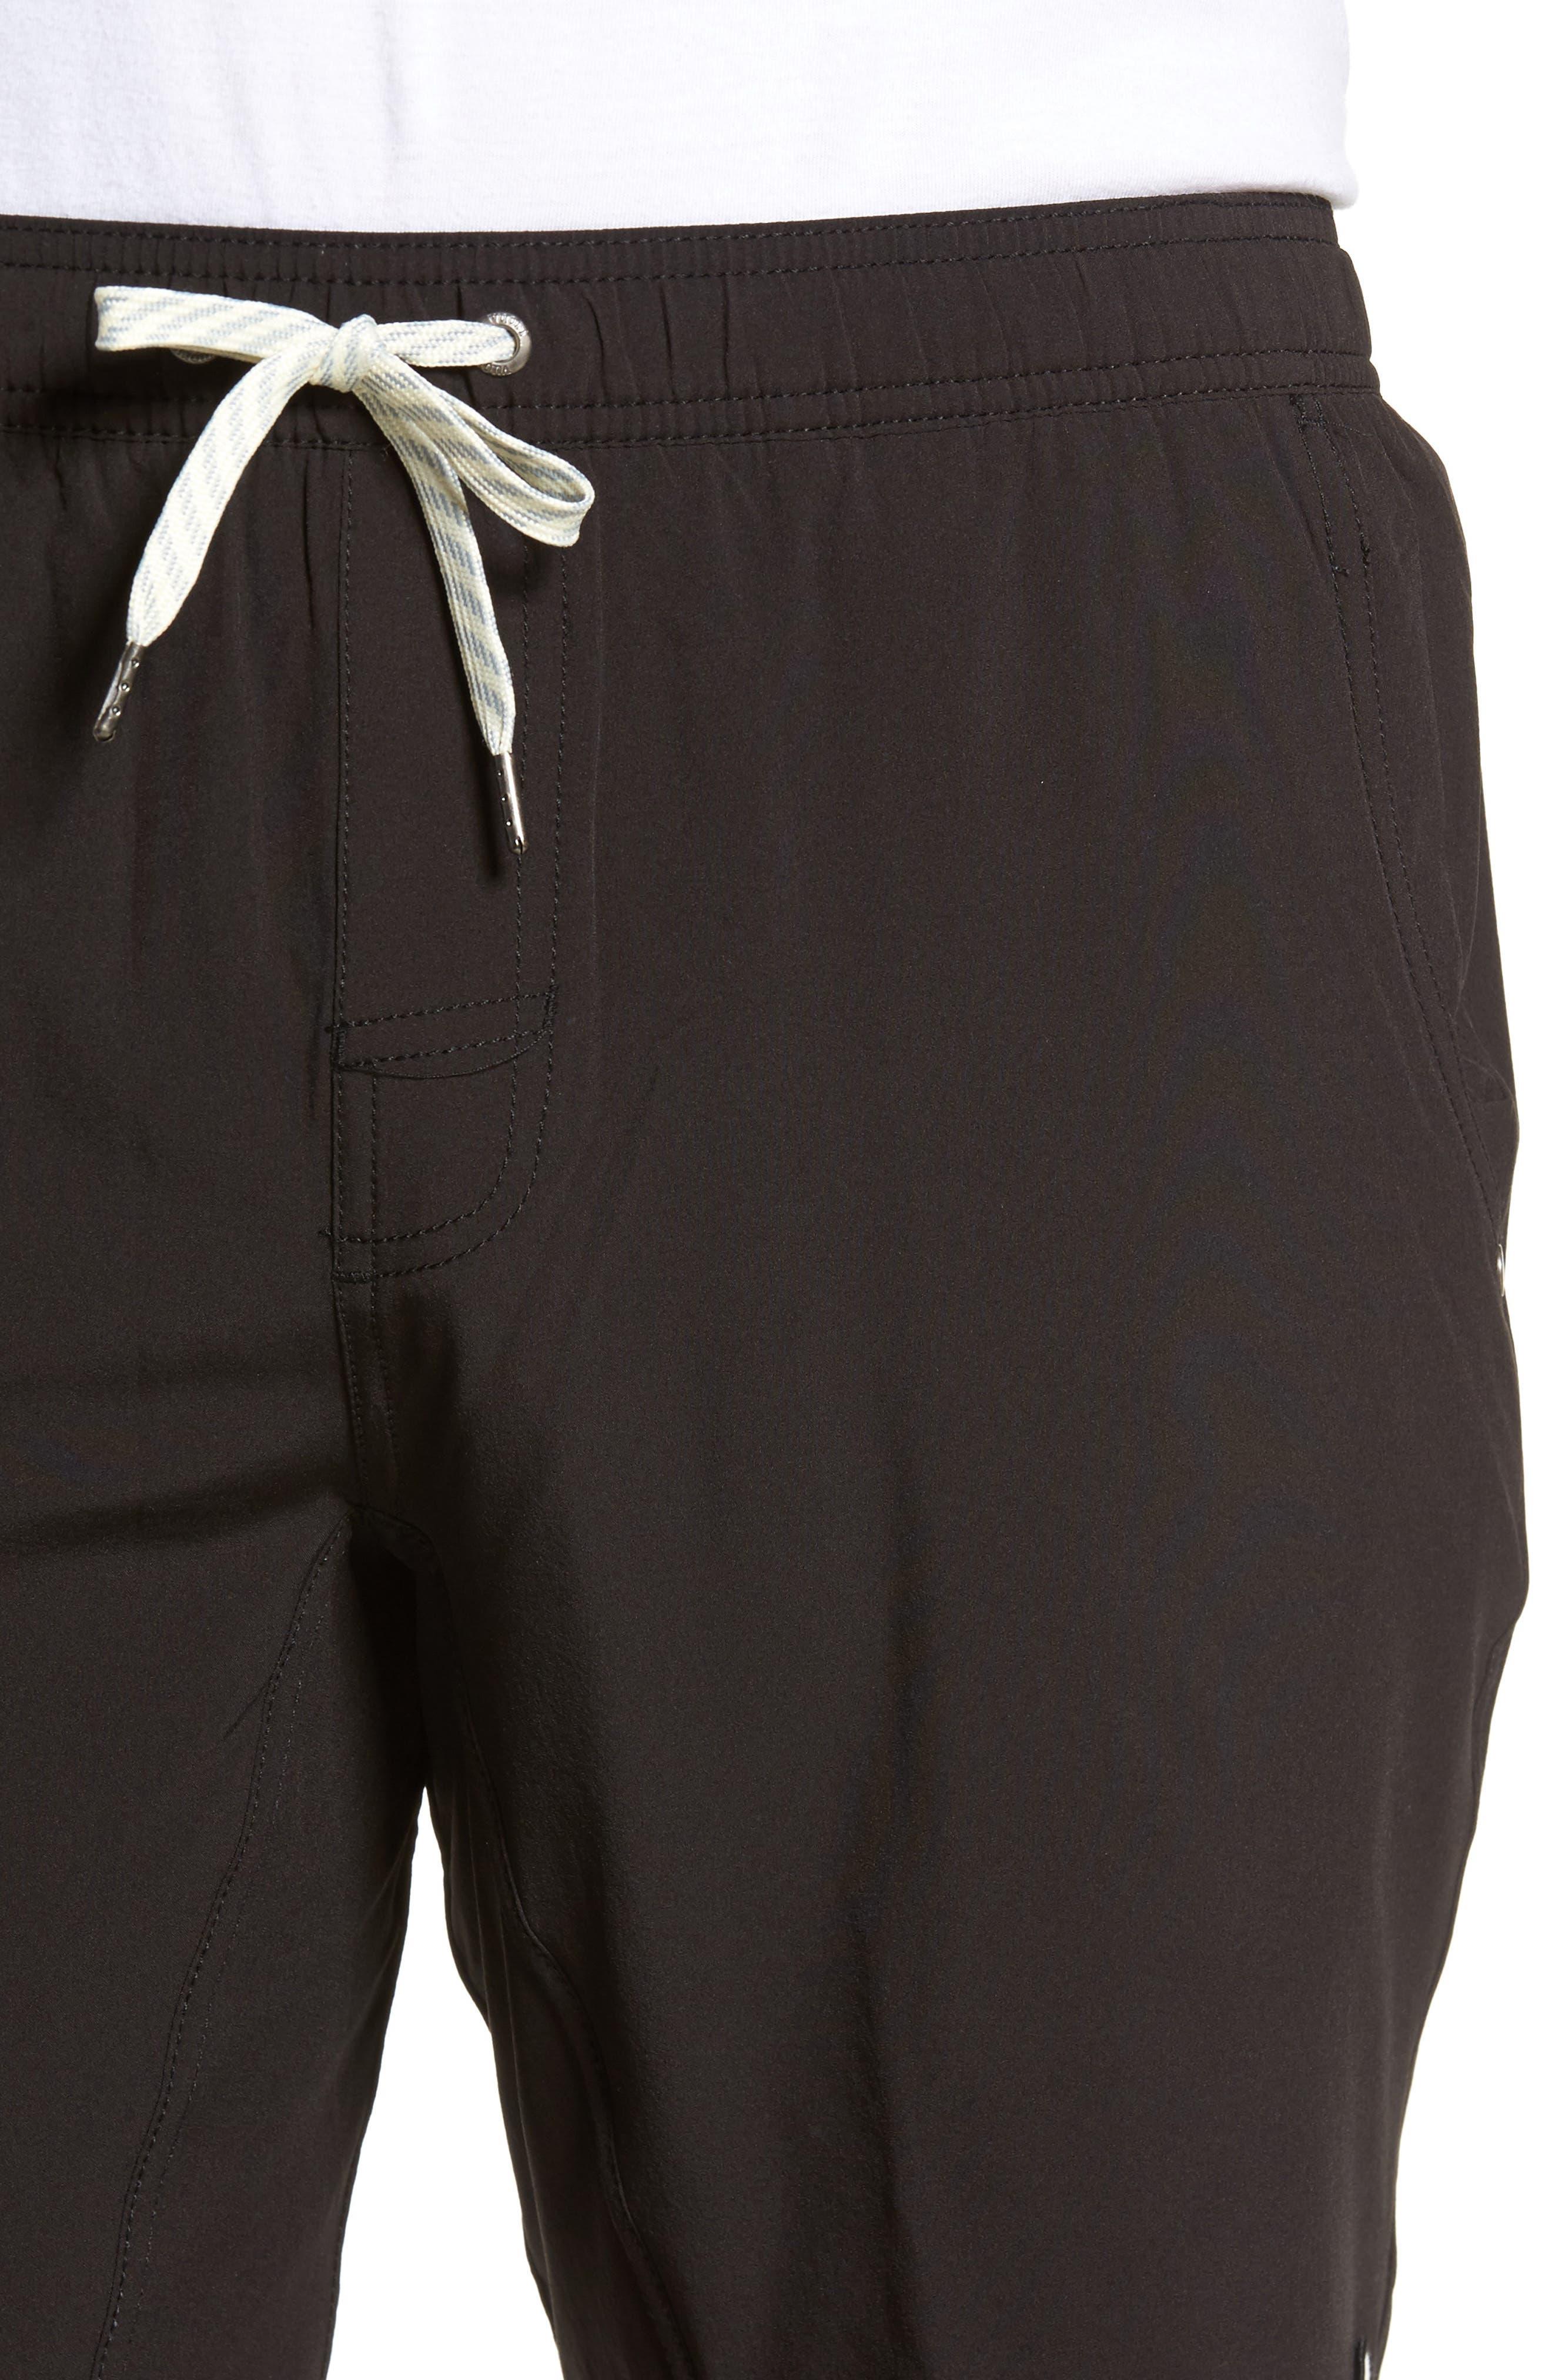 Kore Shorts,                             Alternate thumbnail 4, color,                             BLACK